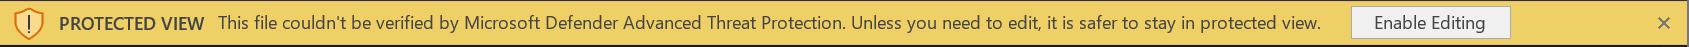 Skärmbild av företagsfältet MDATP om det uppstår ett fel vid genomsökning av filen